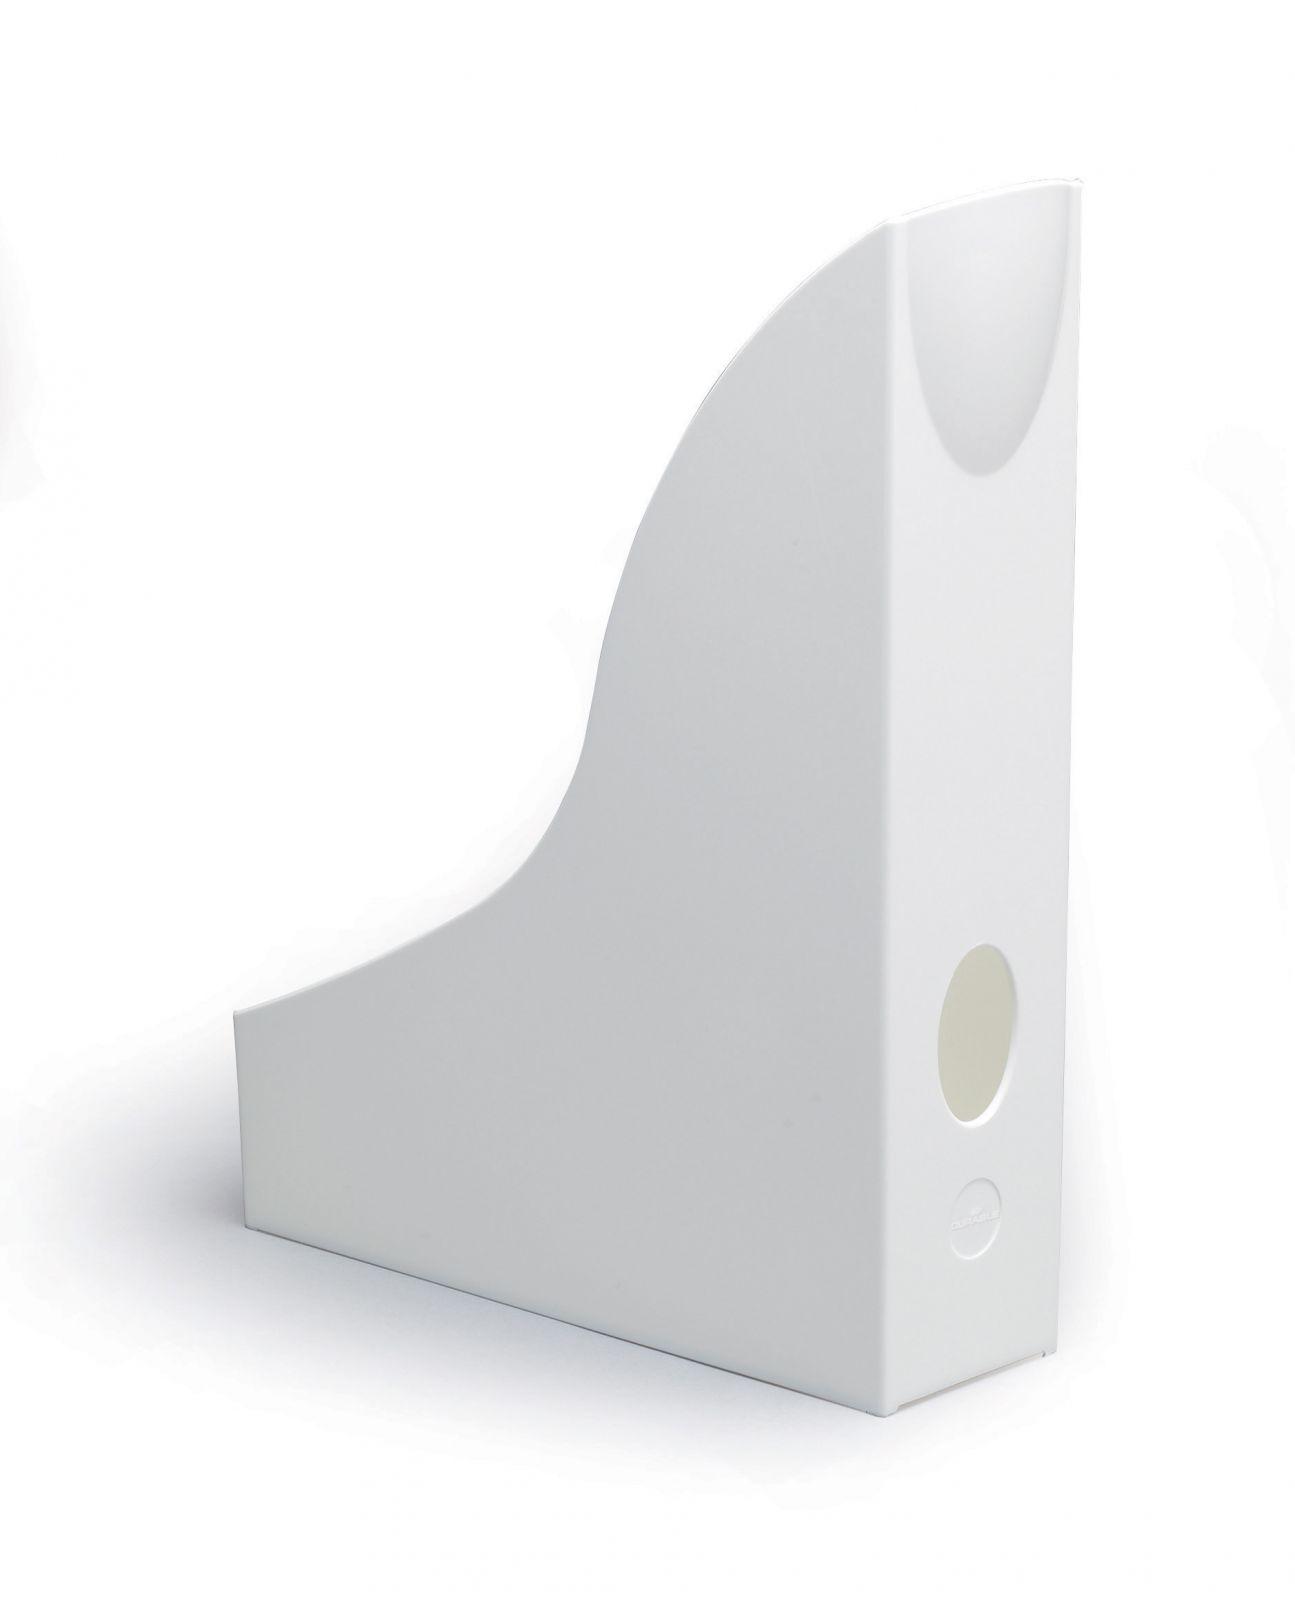 Úložné boxy - sada 6 kusů - Bílé